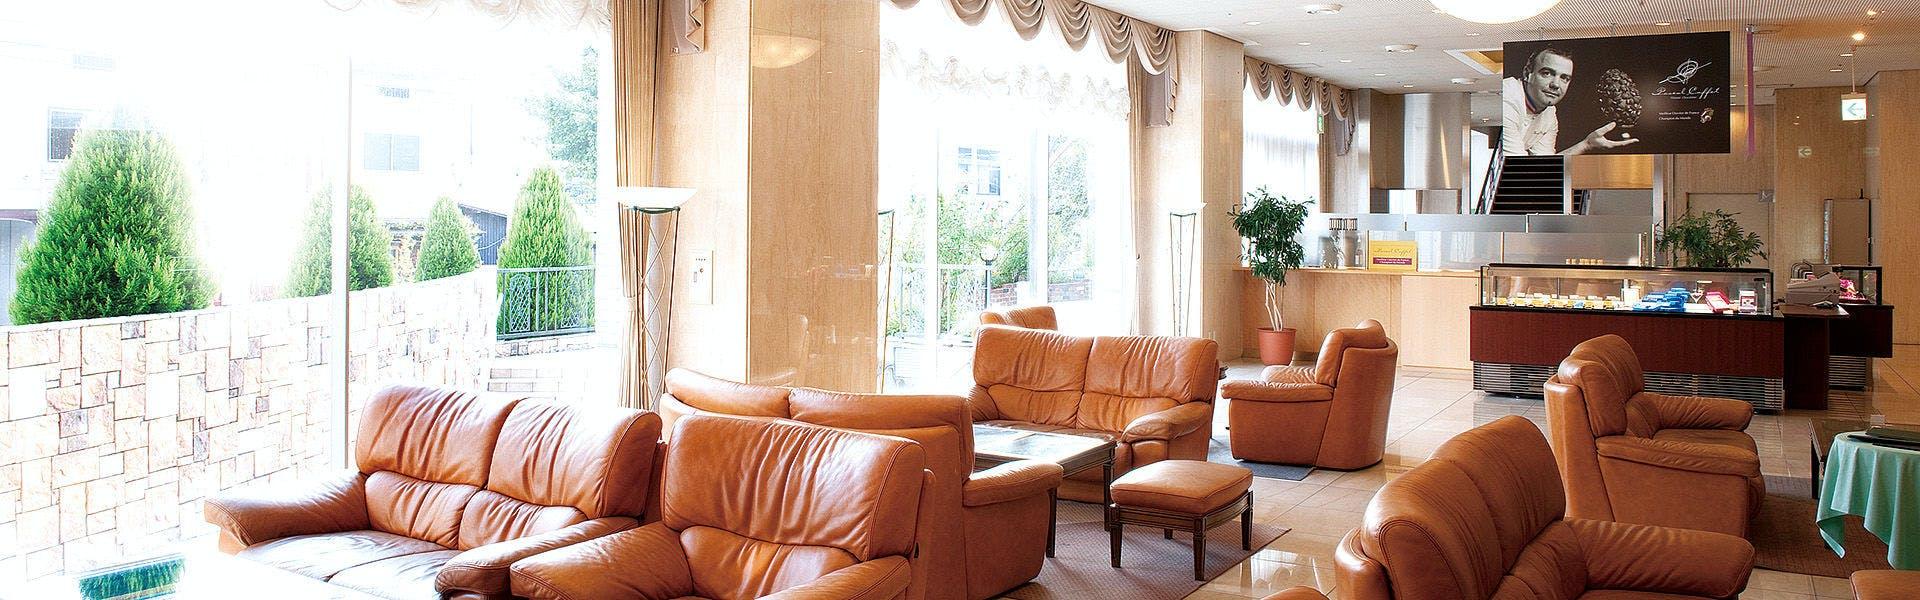 記念日におすすめのホテル・【山形国際ホテル】 の空室状況を確認するの写真3